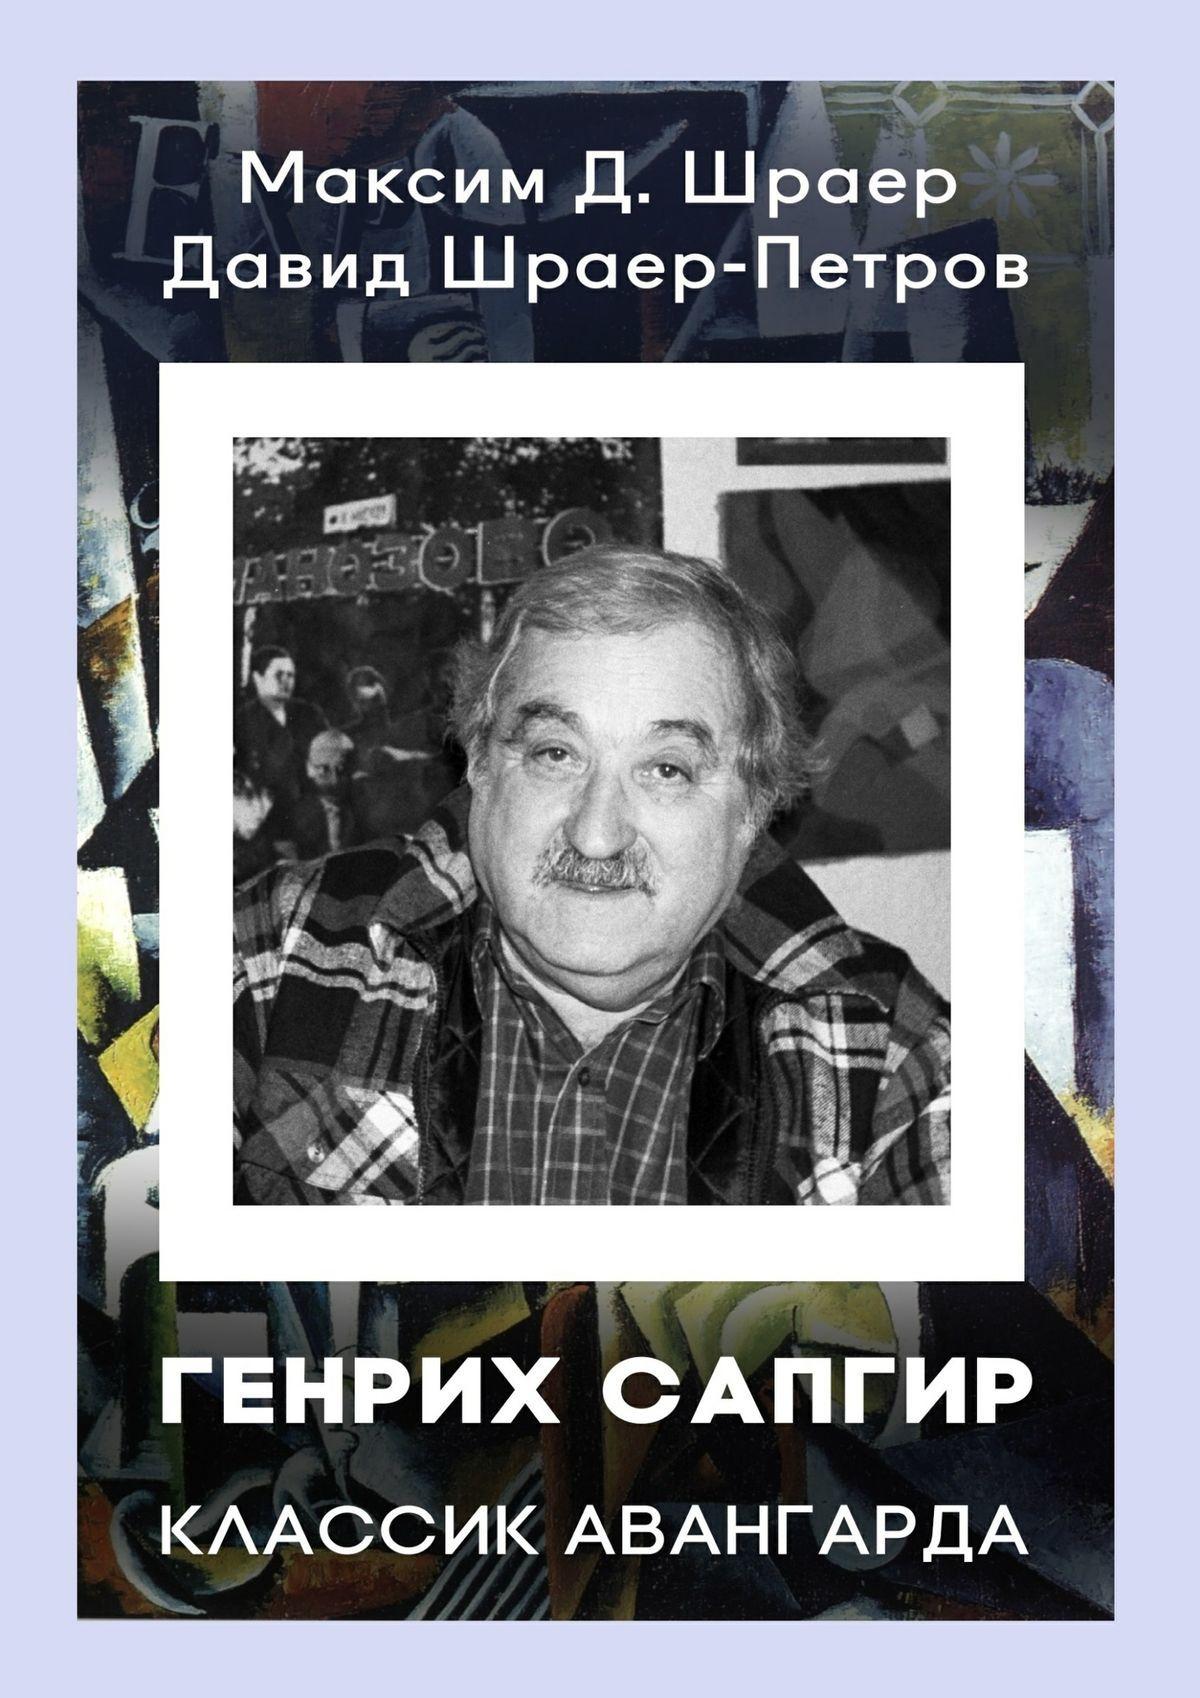 Давид Шраер-Петров, Максим Шраер - ГЕНРИХ САПГИР классикавангарда. 3-еиздание, исправленное